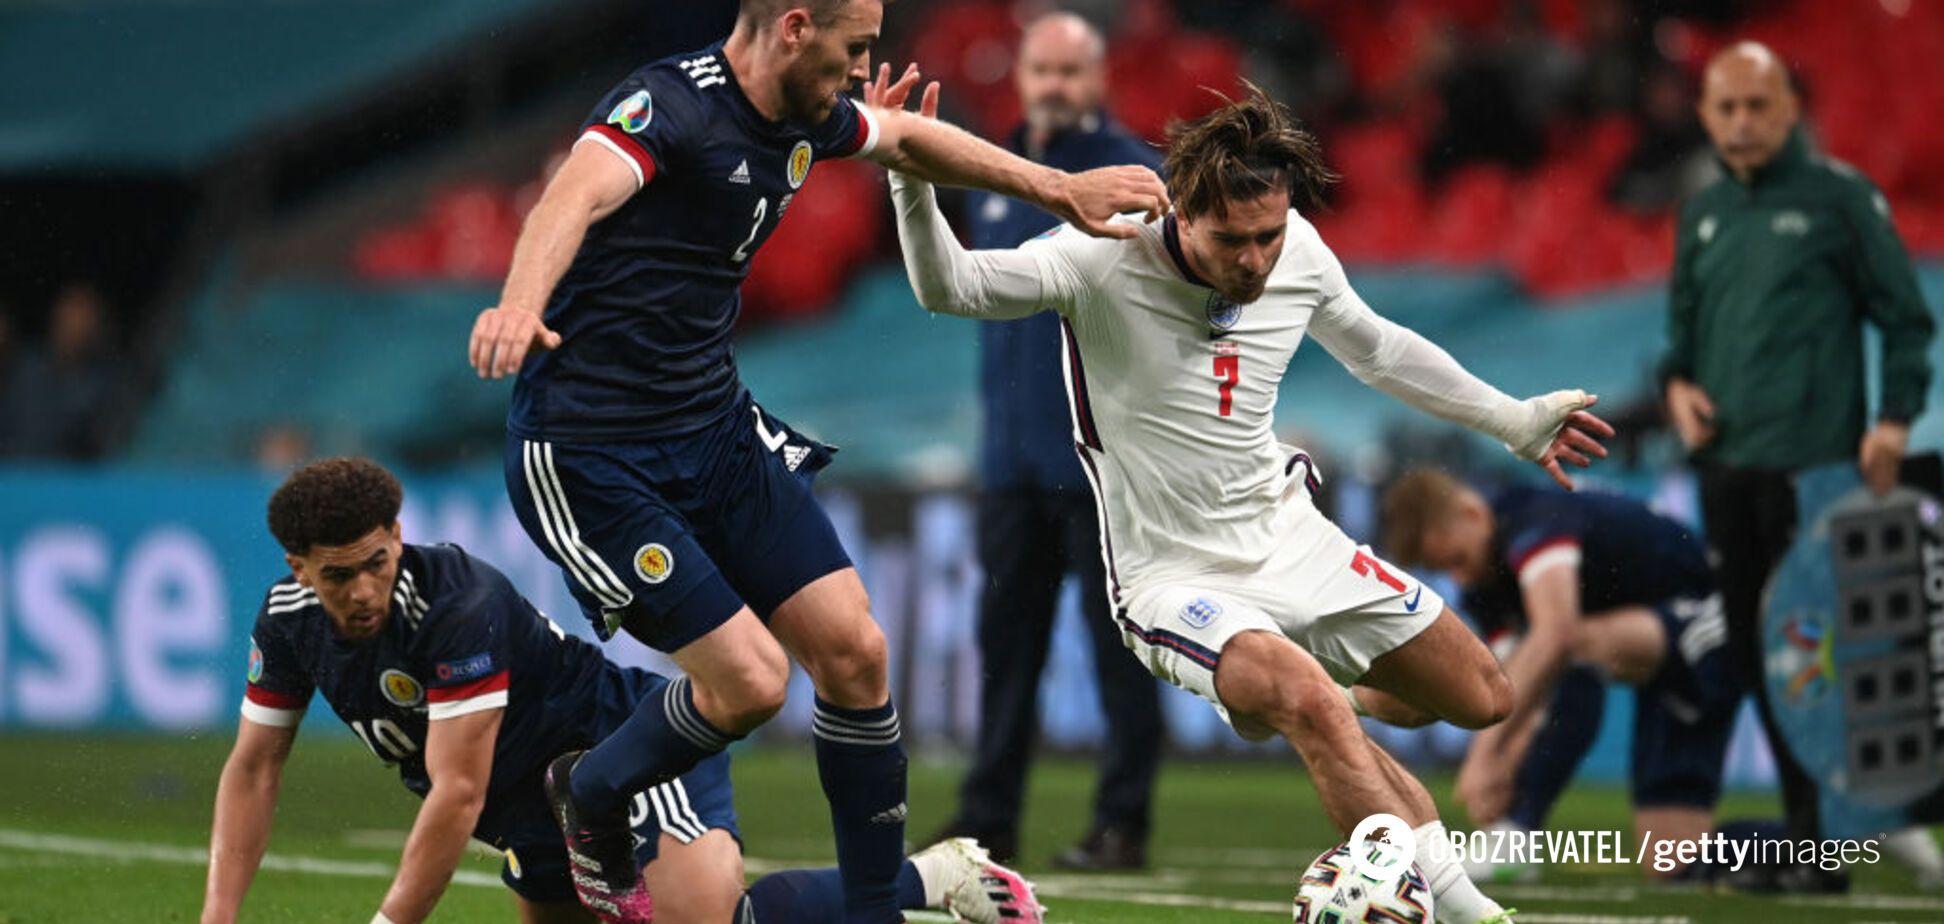 Англия не смогла победить Шотландию в британском дерби на Евро-2020. Видео